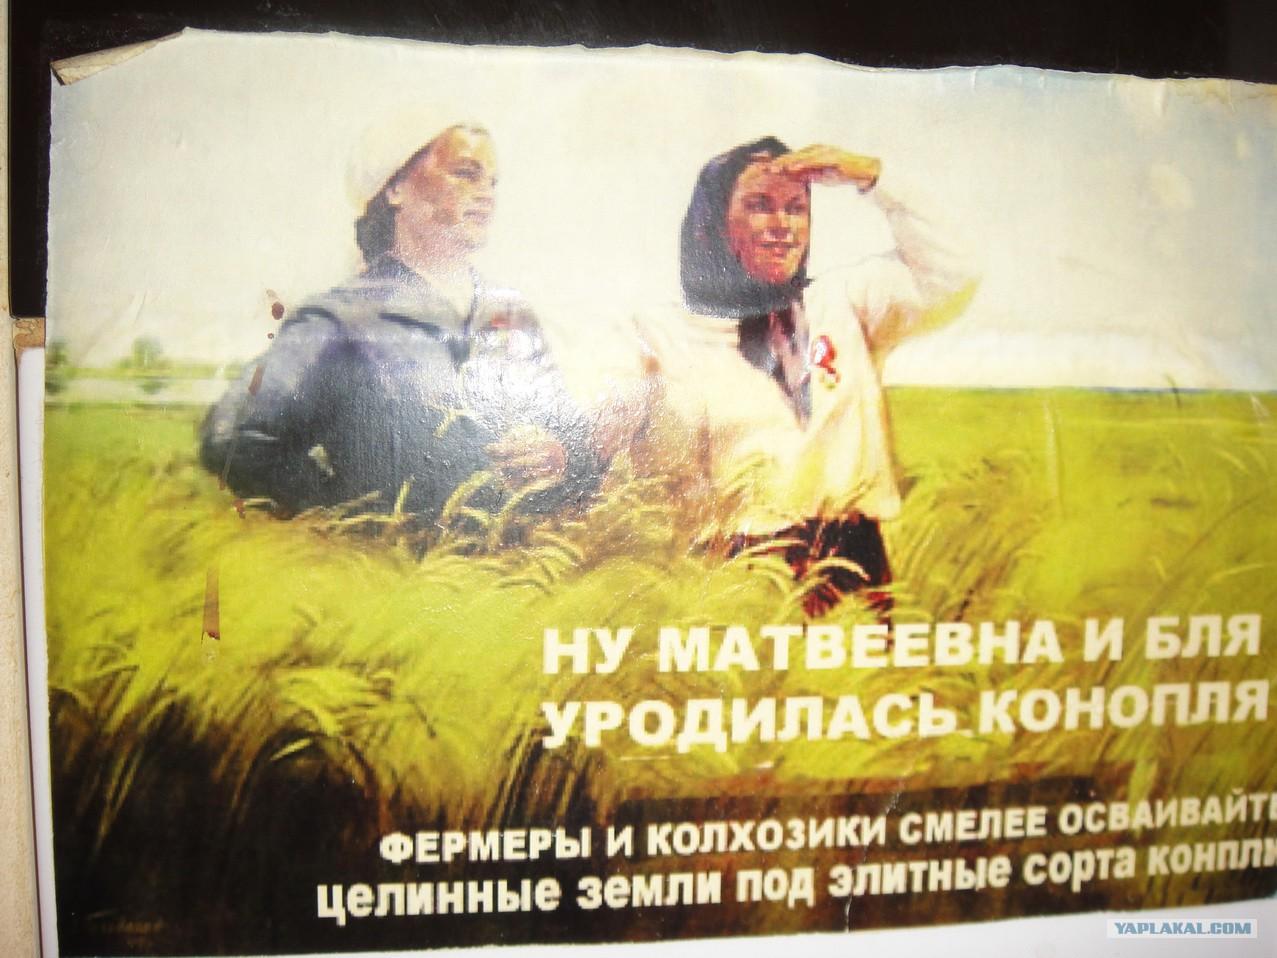 Матвеевна и бля уродилась конопля как снять опьянение от конопли